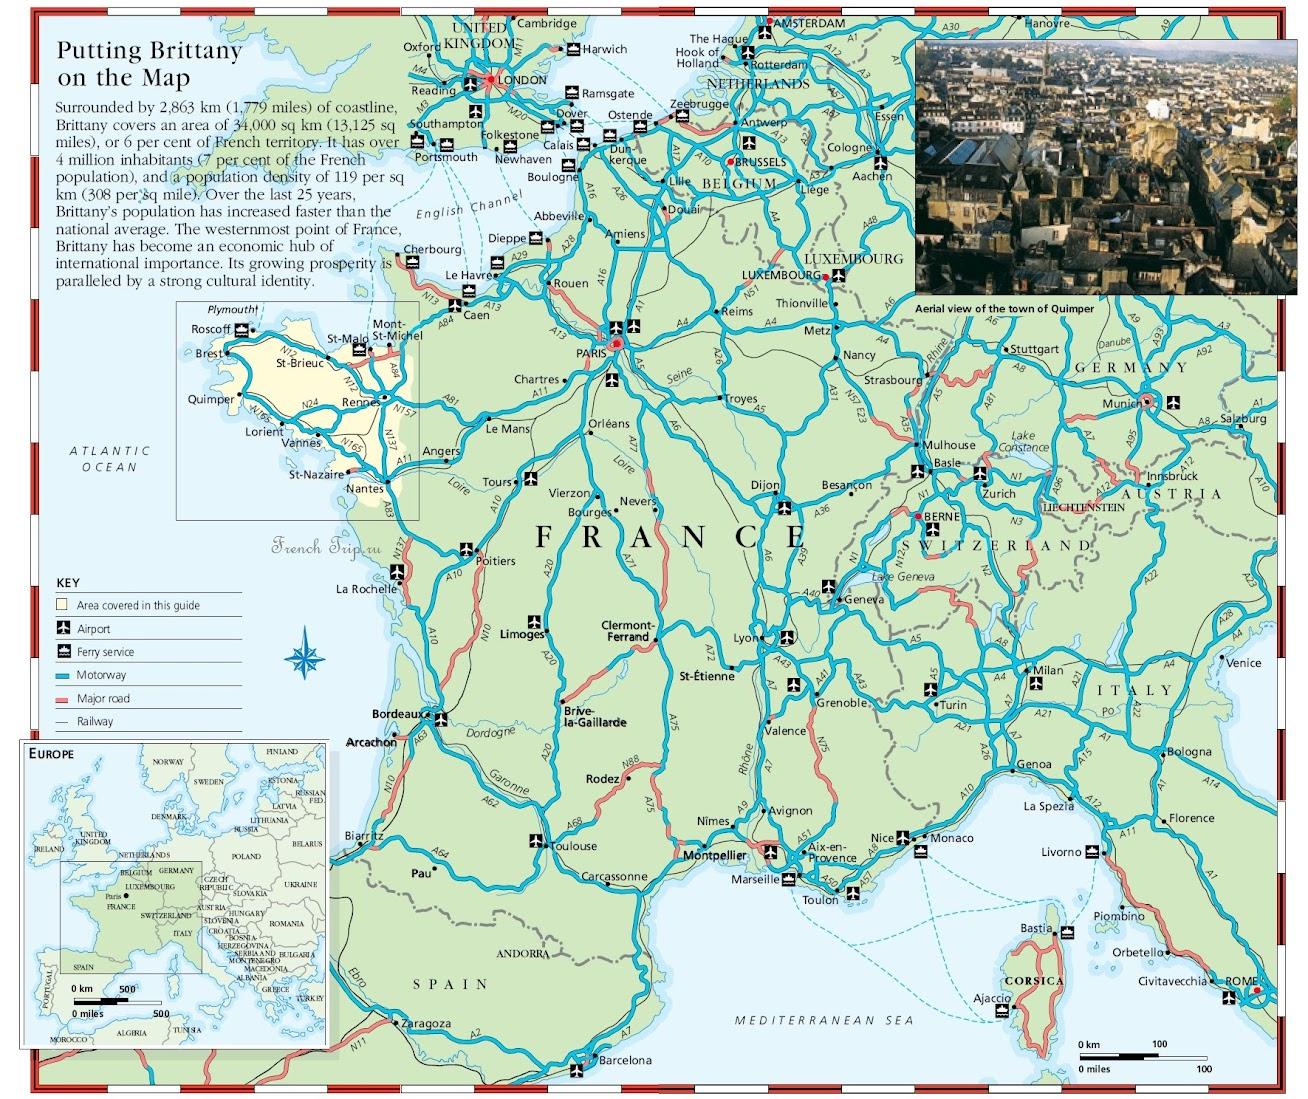 Бретань на карте Франции - Карта Бретани - скачать бесплатно - достопримечательности, города, регионы, схема дорог. Что посмотреть в Бретани. Путеводитель по Бретани и Франции.